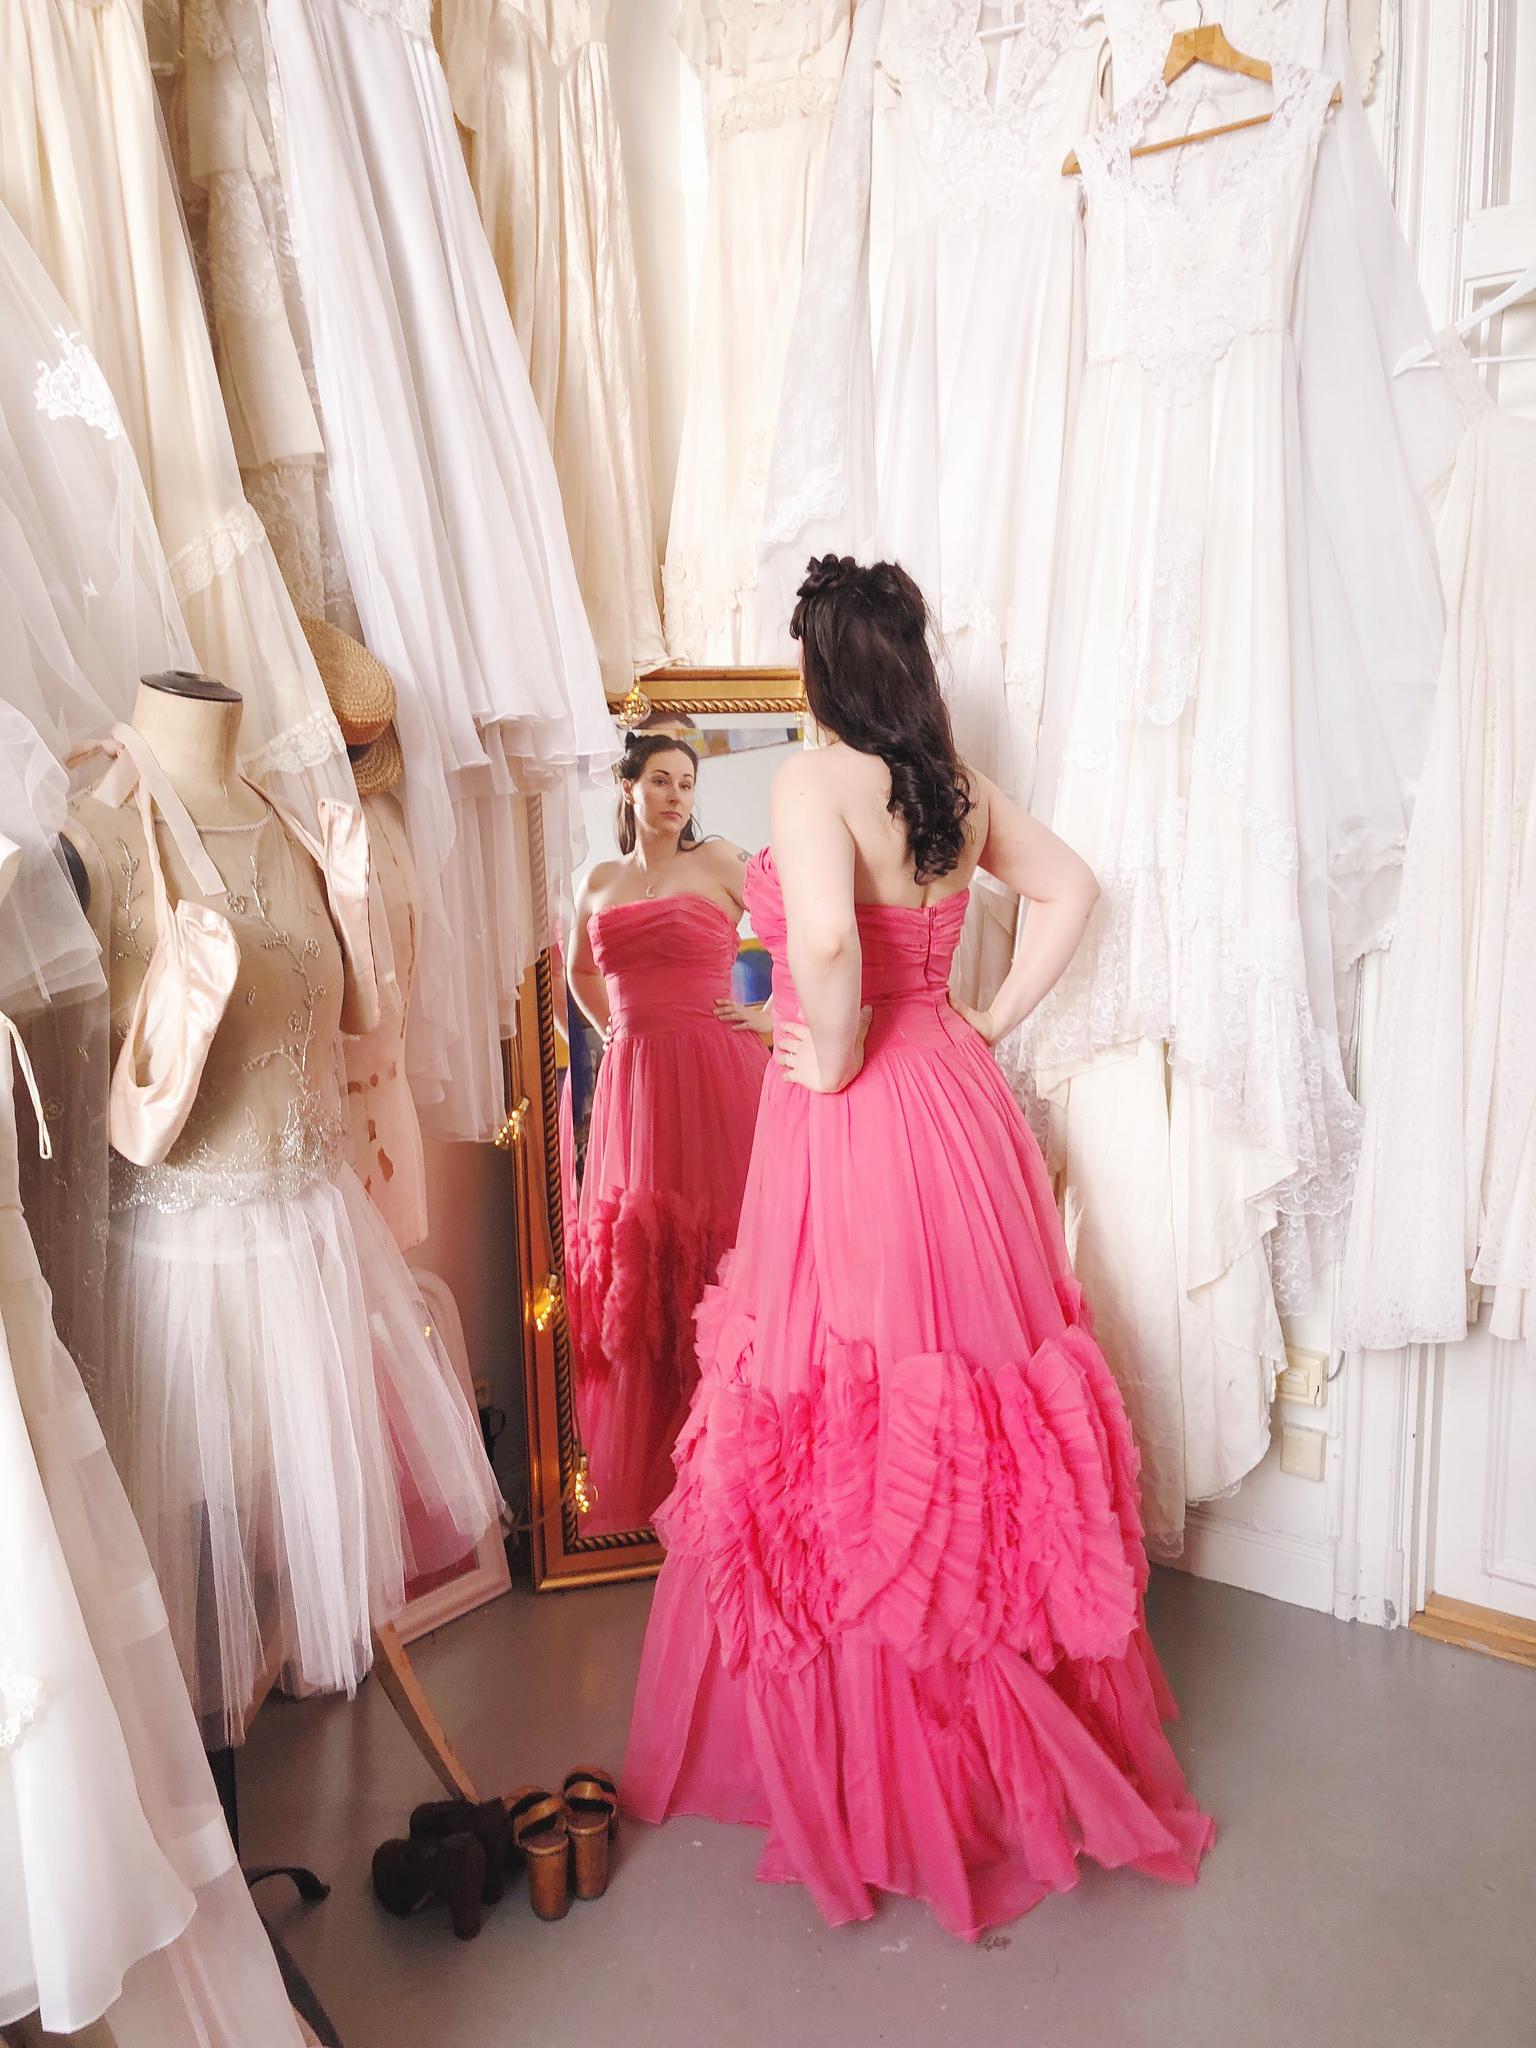 0708c3214dc9 En brud fick testa min gamla bröllopsfestklänning! Dags för mig att modella  lite klänningar i ateljén kanske? Ibland tänker jag att jag ju måste prova  dem.